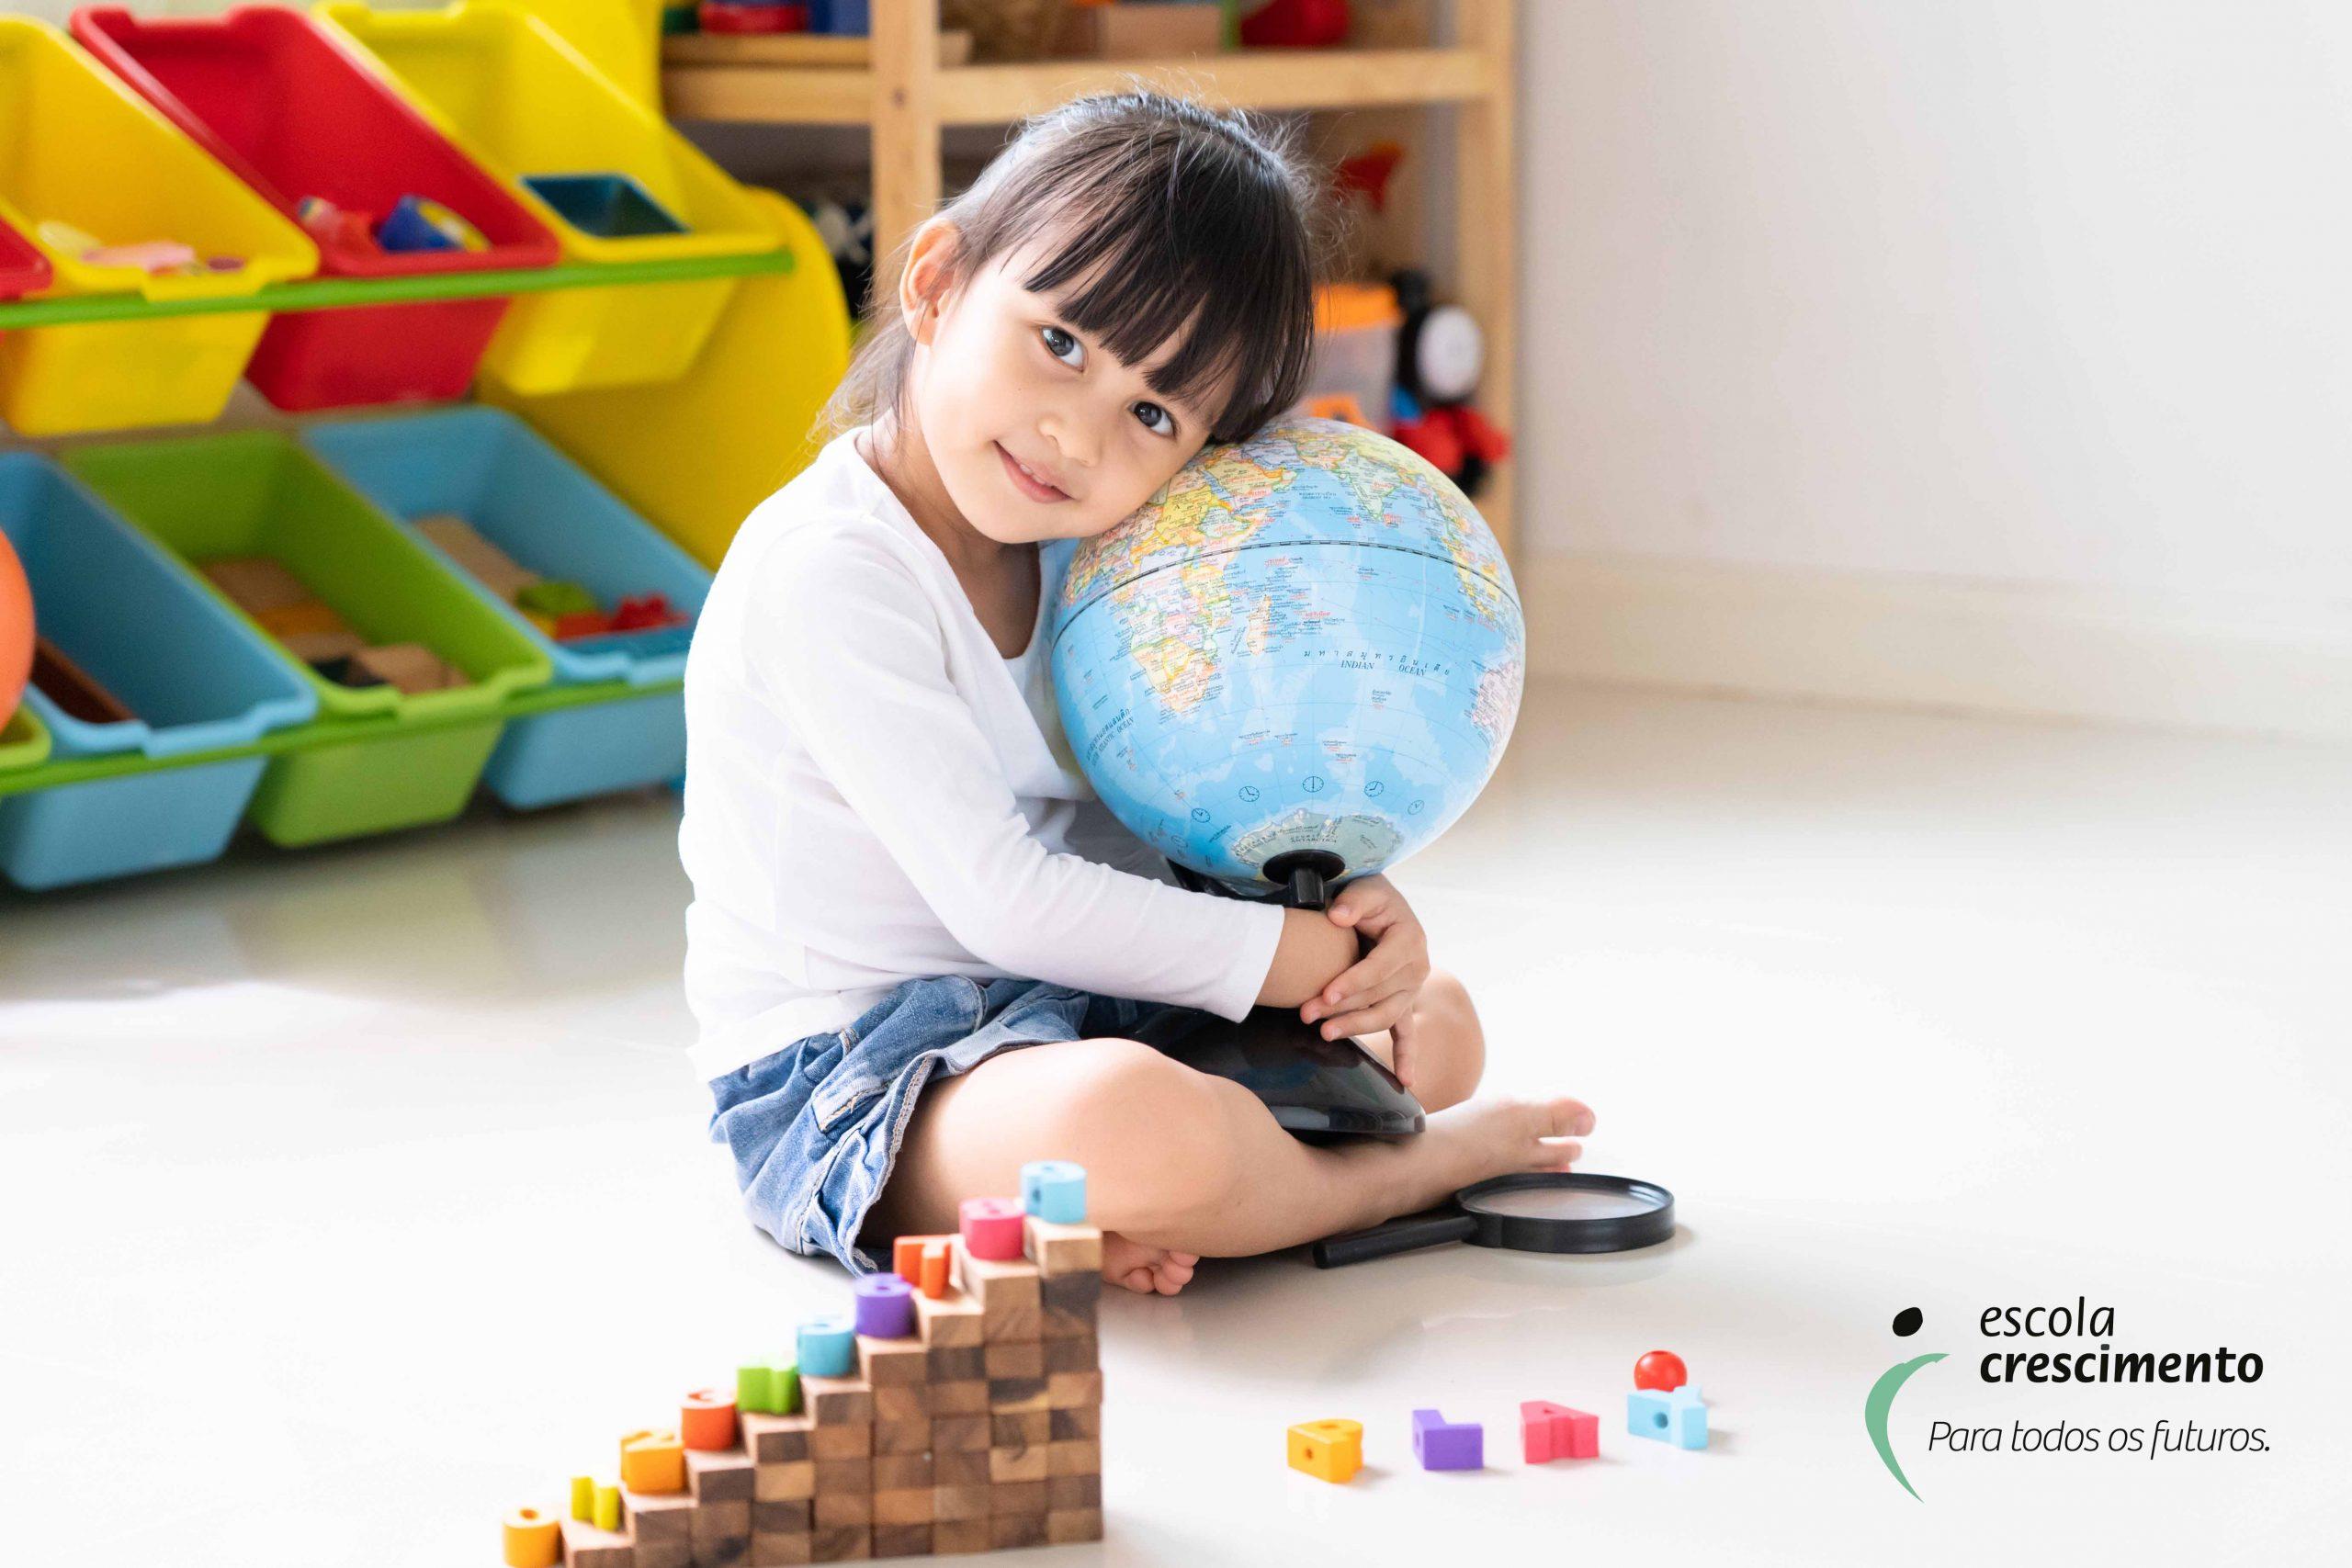 programa-bilíngue-na-escola-crescimento.